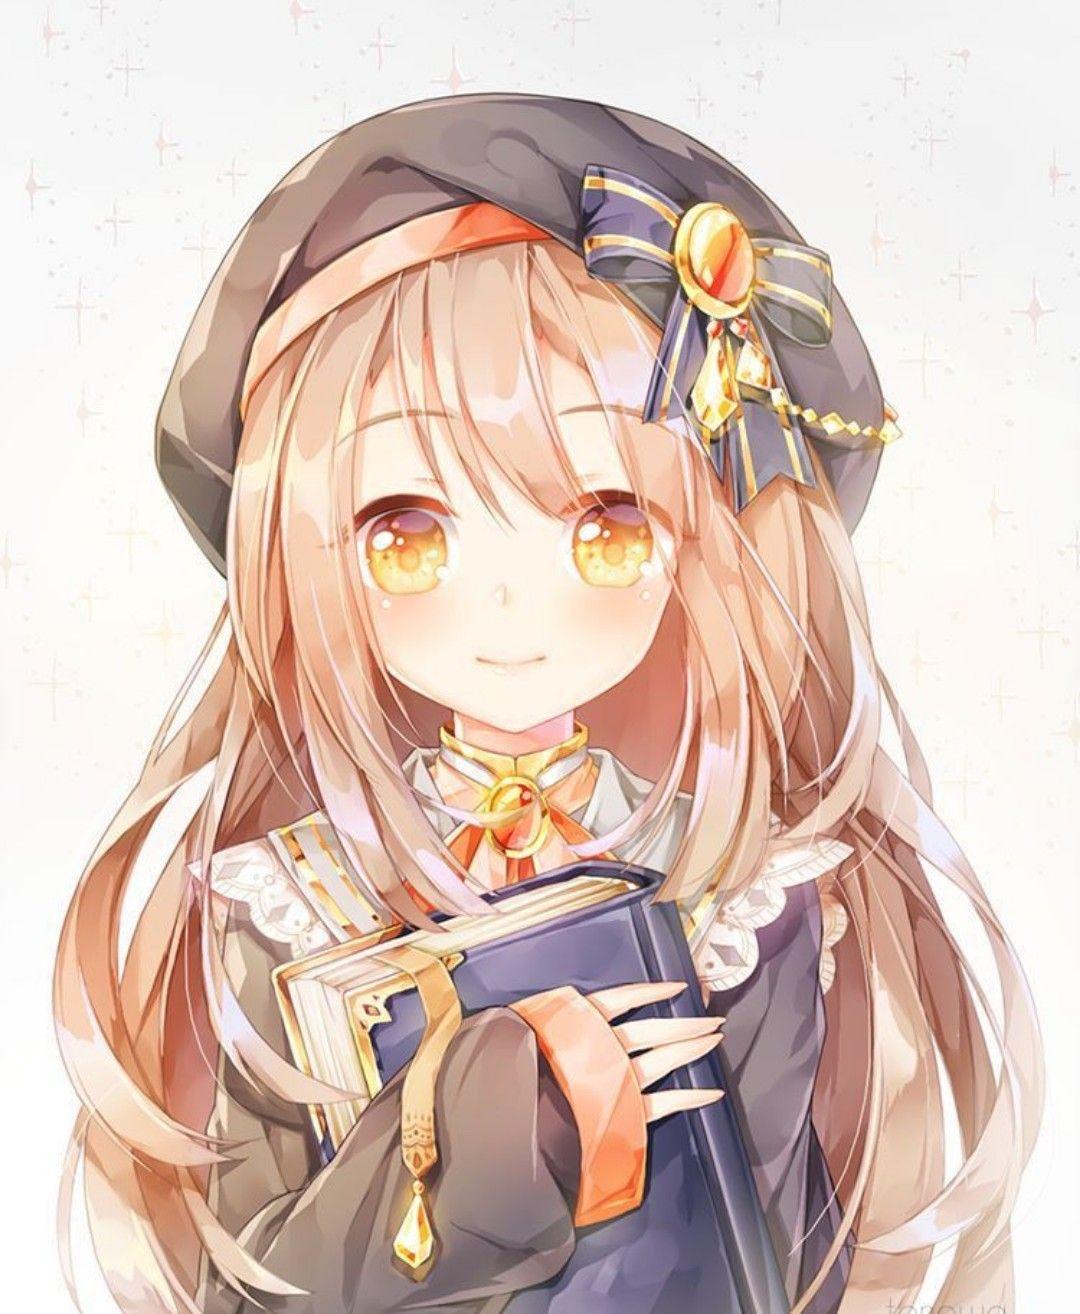 Lily Ketua Osis Manga Anime Gadis Animasi Gambar Anime